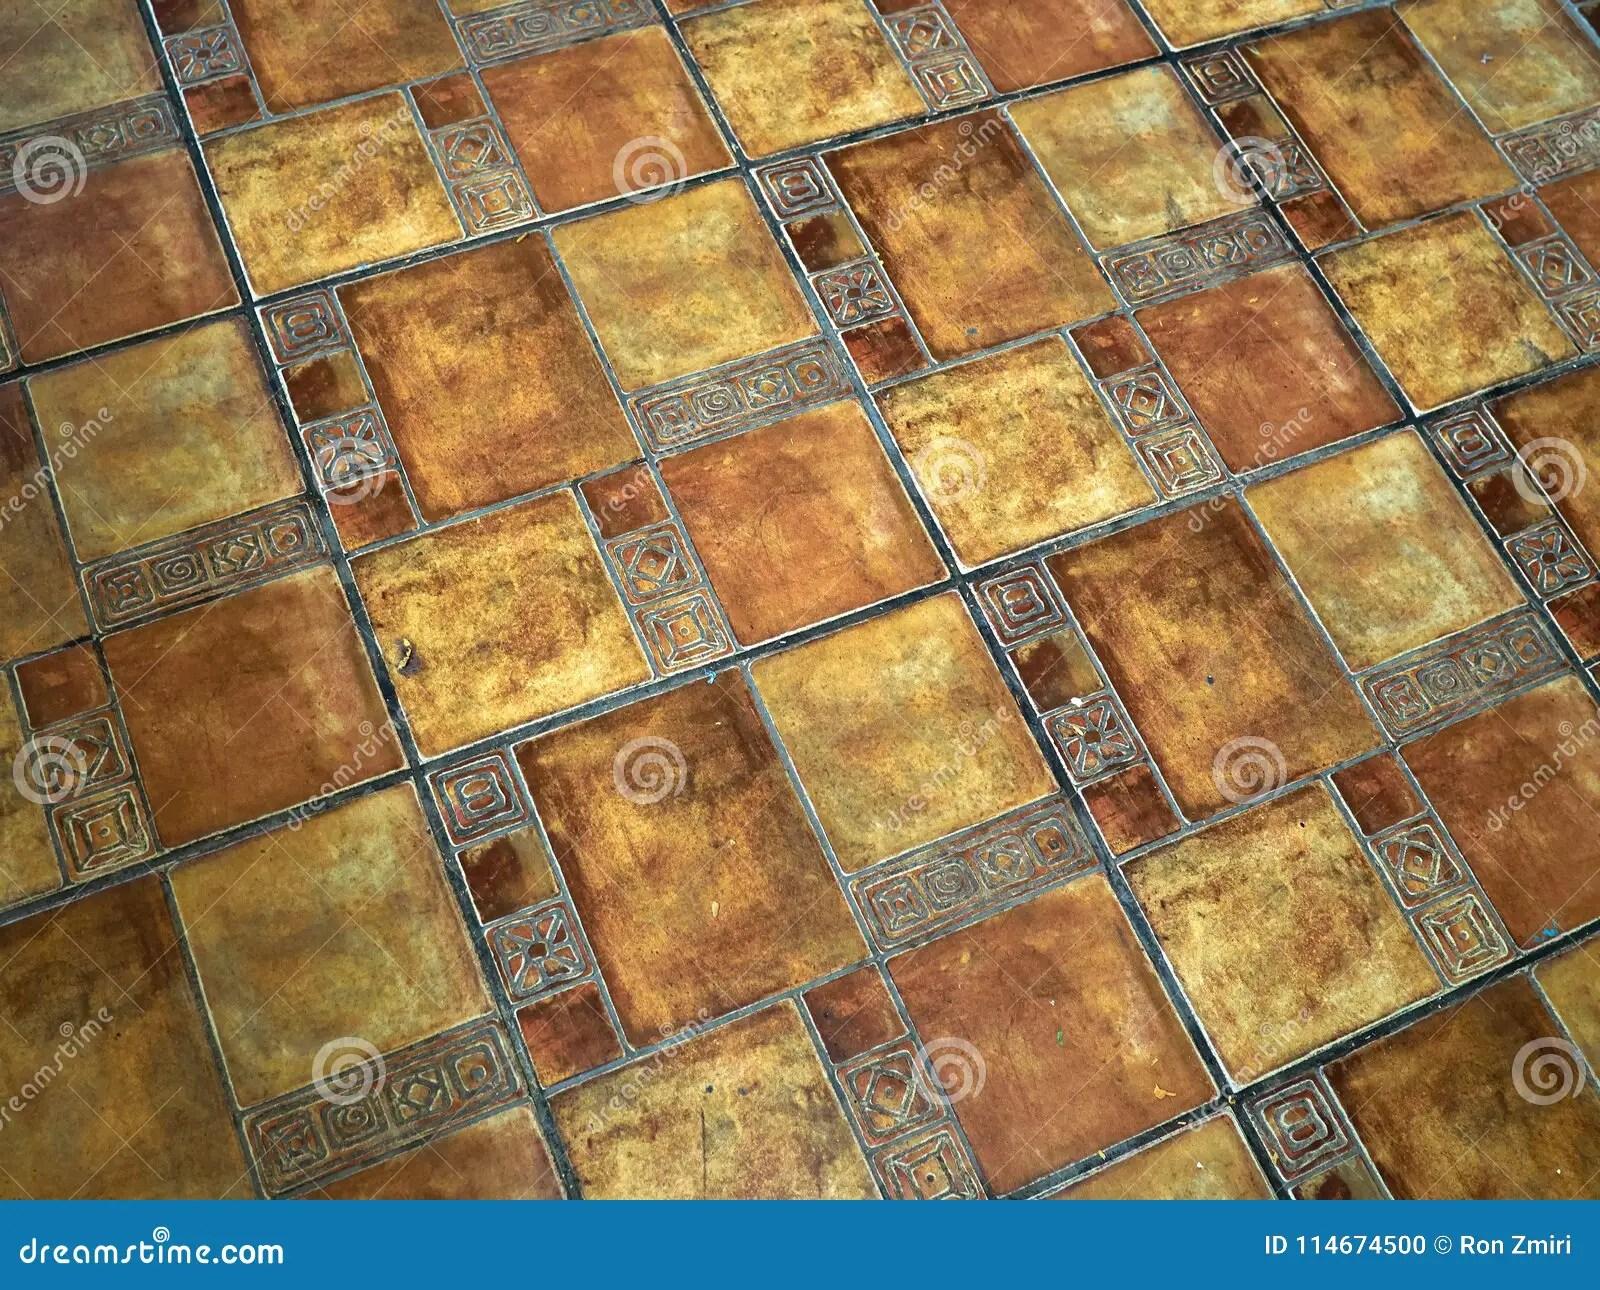 Piastrelle terracotta immagine del mosaico di piastrelle in